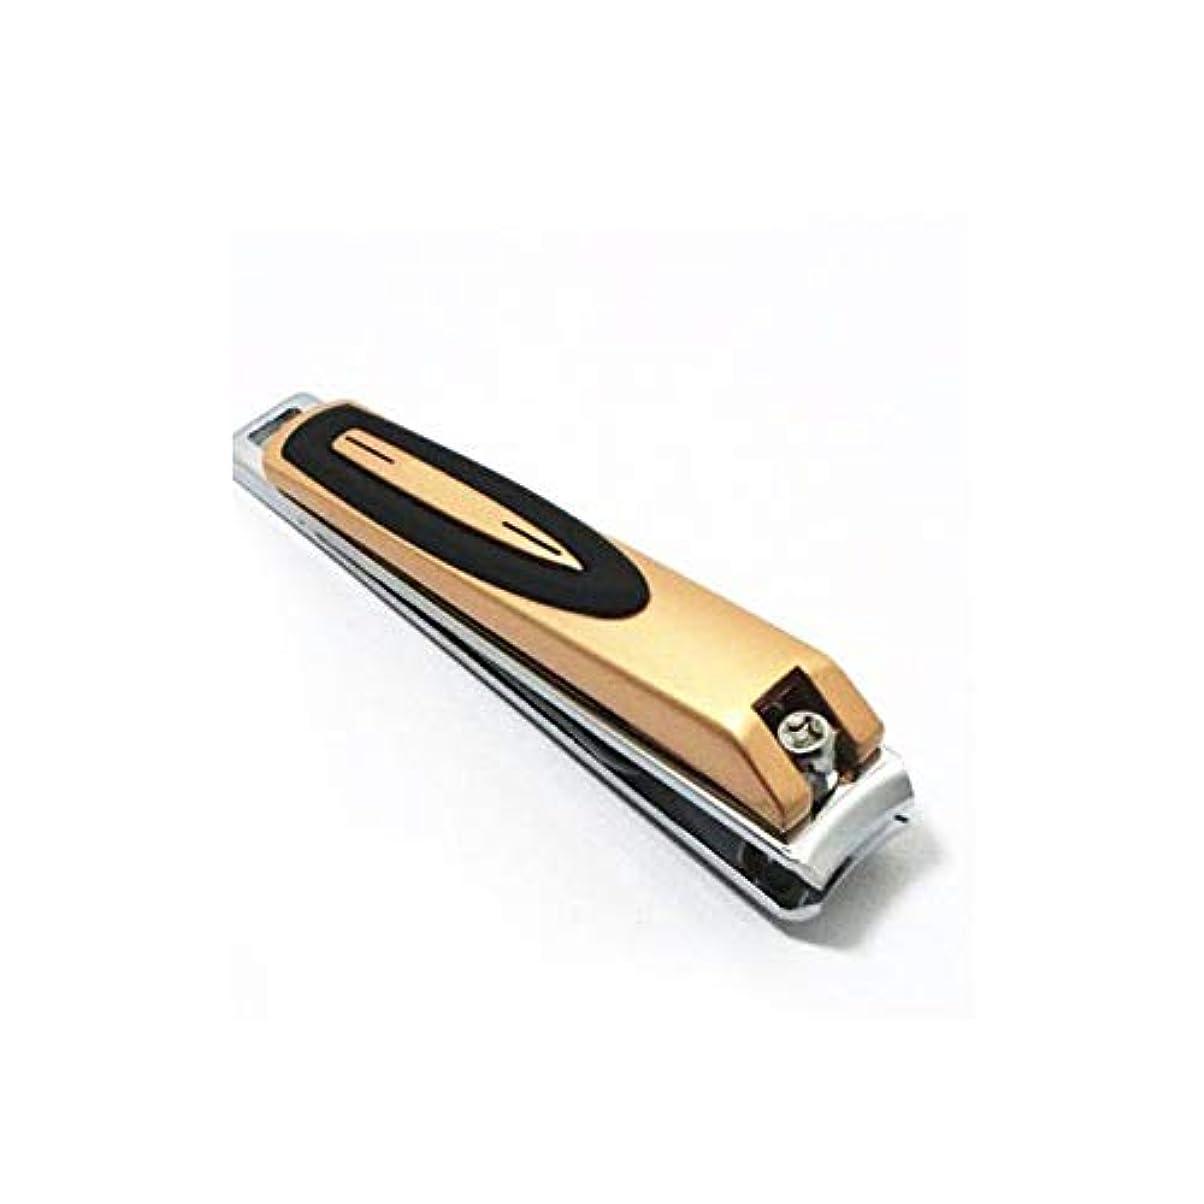 フェリー既婚振るうステンレス爪切りファッション爪切り携帯便利男女兼用爪切りセット、銅色